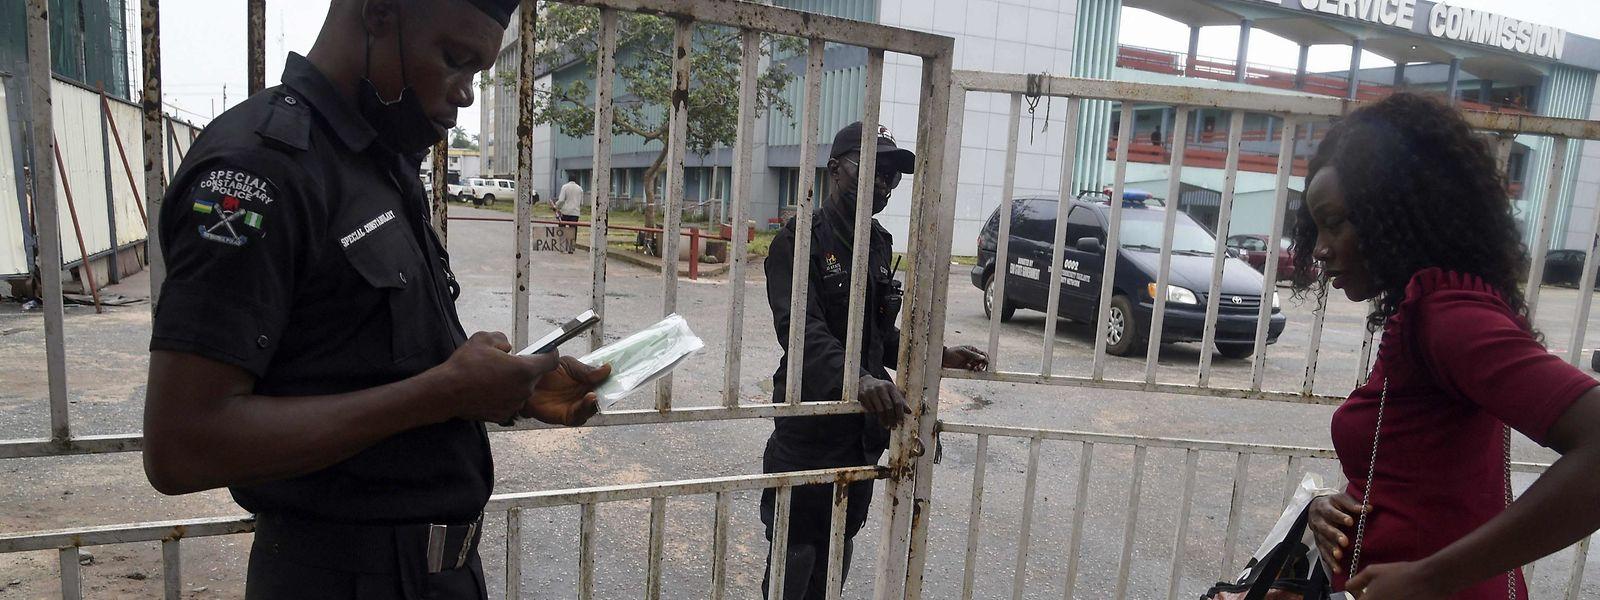 Ein Polizist prüft den Impfausweis einer Büroangestellten im Staatssekretariat in Benin City, der Hauptstadt des Bundesstaates Edo im Süden Nigerias. Dort gilt ein obligatorischer Covid-19-Ausweis für den Zugang zu öffentlichen Plätzen und Versammlungen.